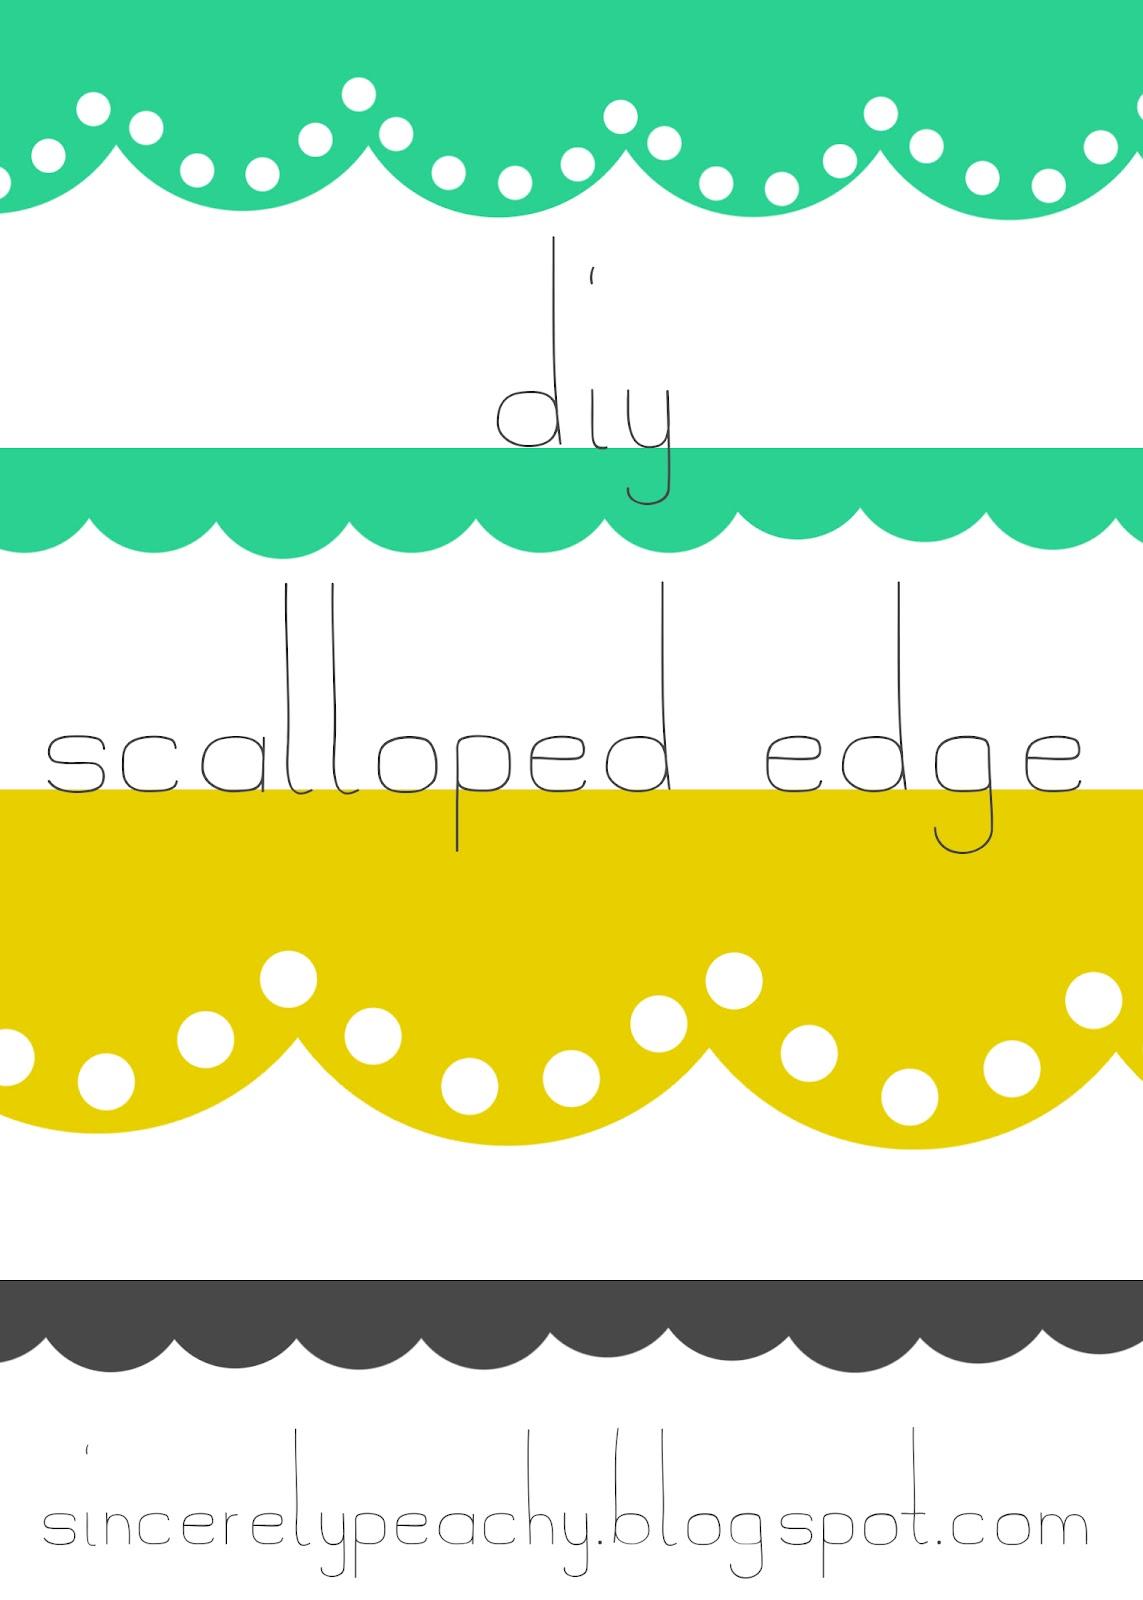 1143x1600 Sincerely Peachy Diy Scalloped Edge